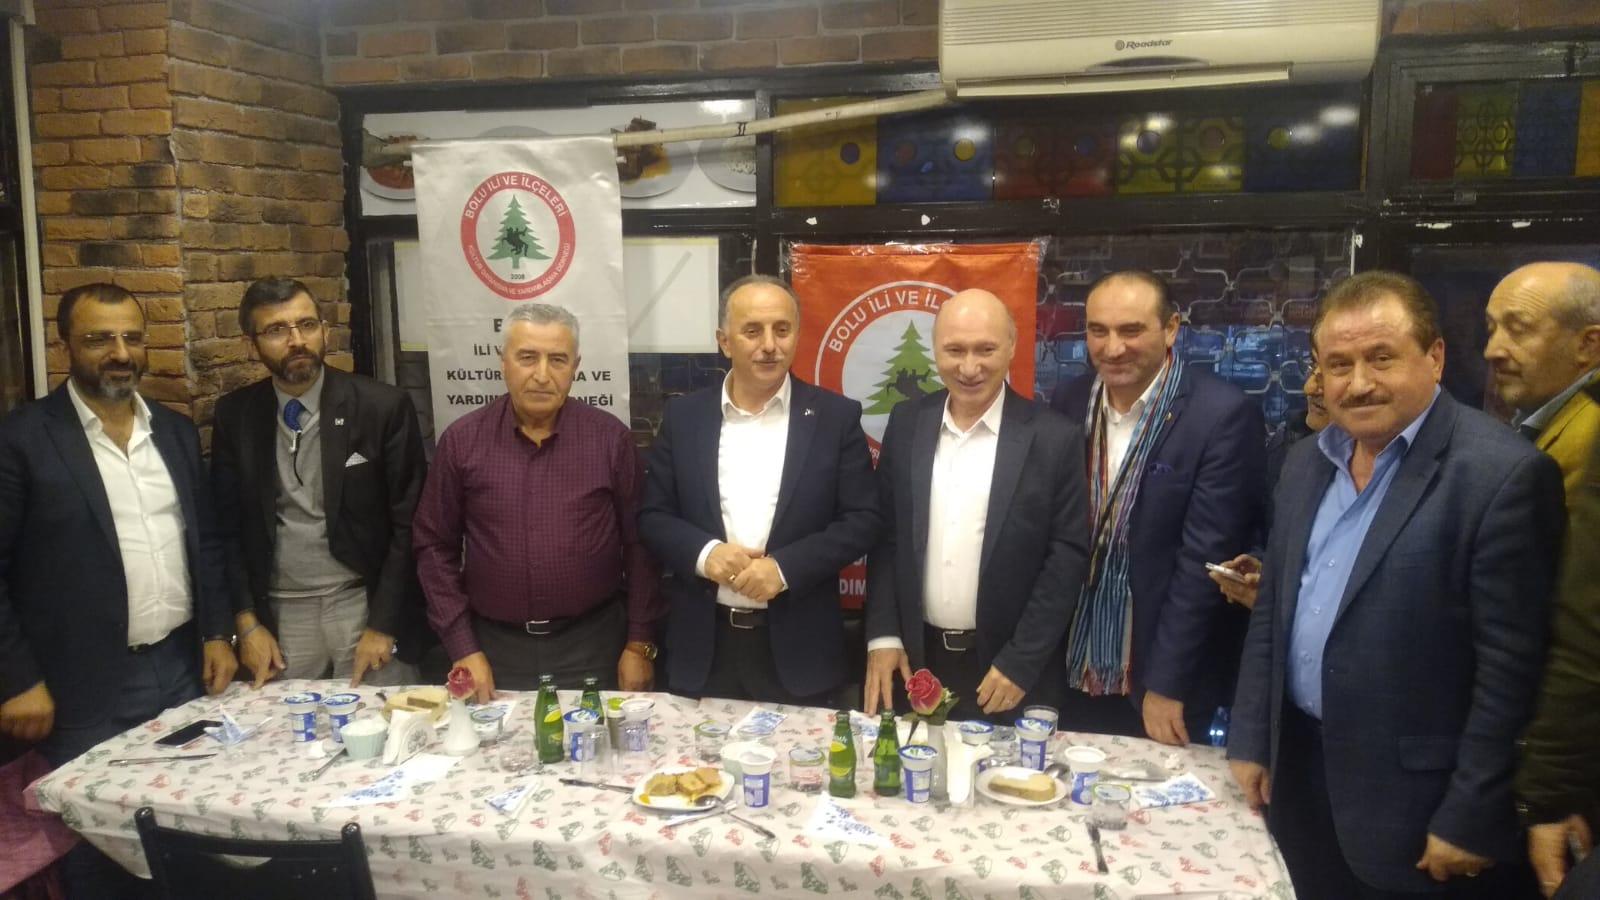 Bolu Keşkek'i rakip tanımazken, lezzetini Türkiye tattı